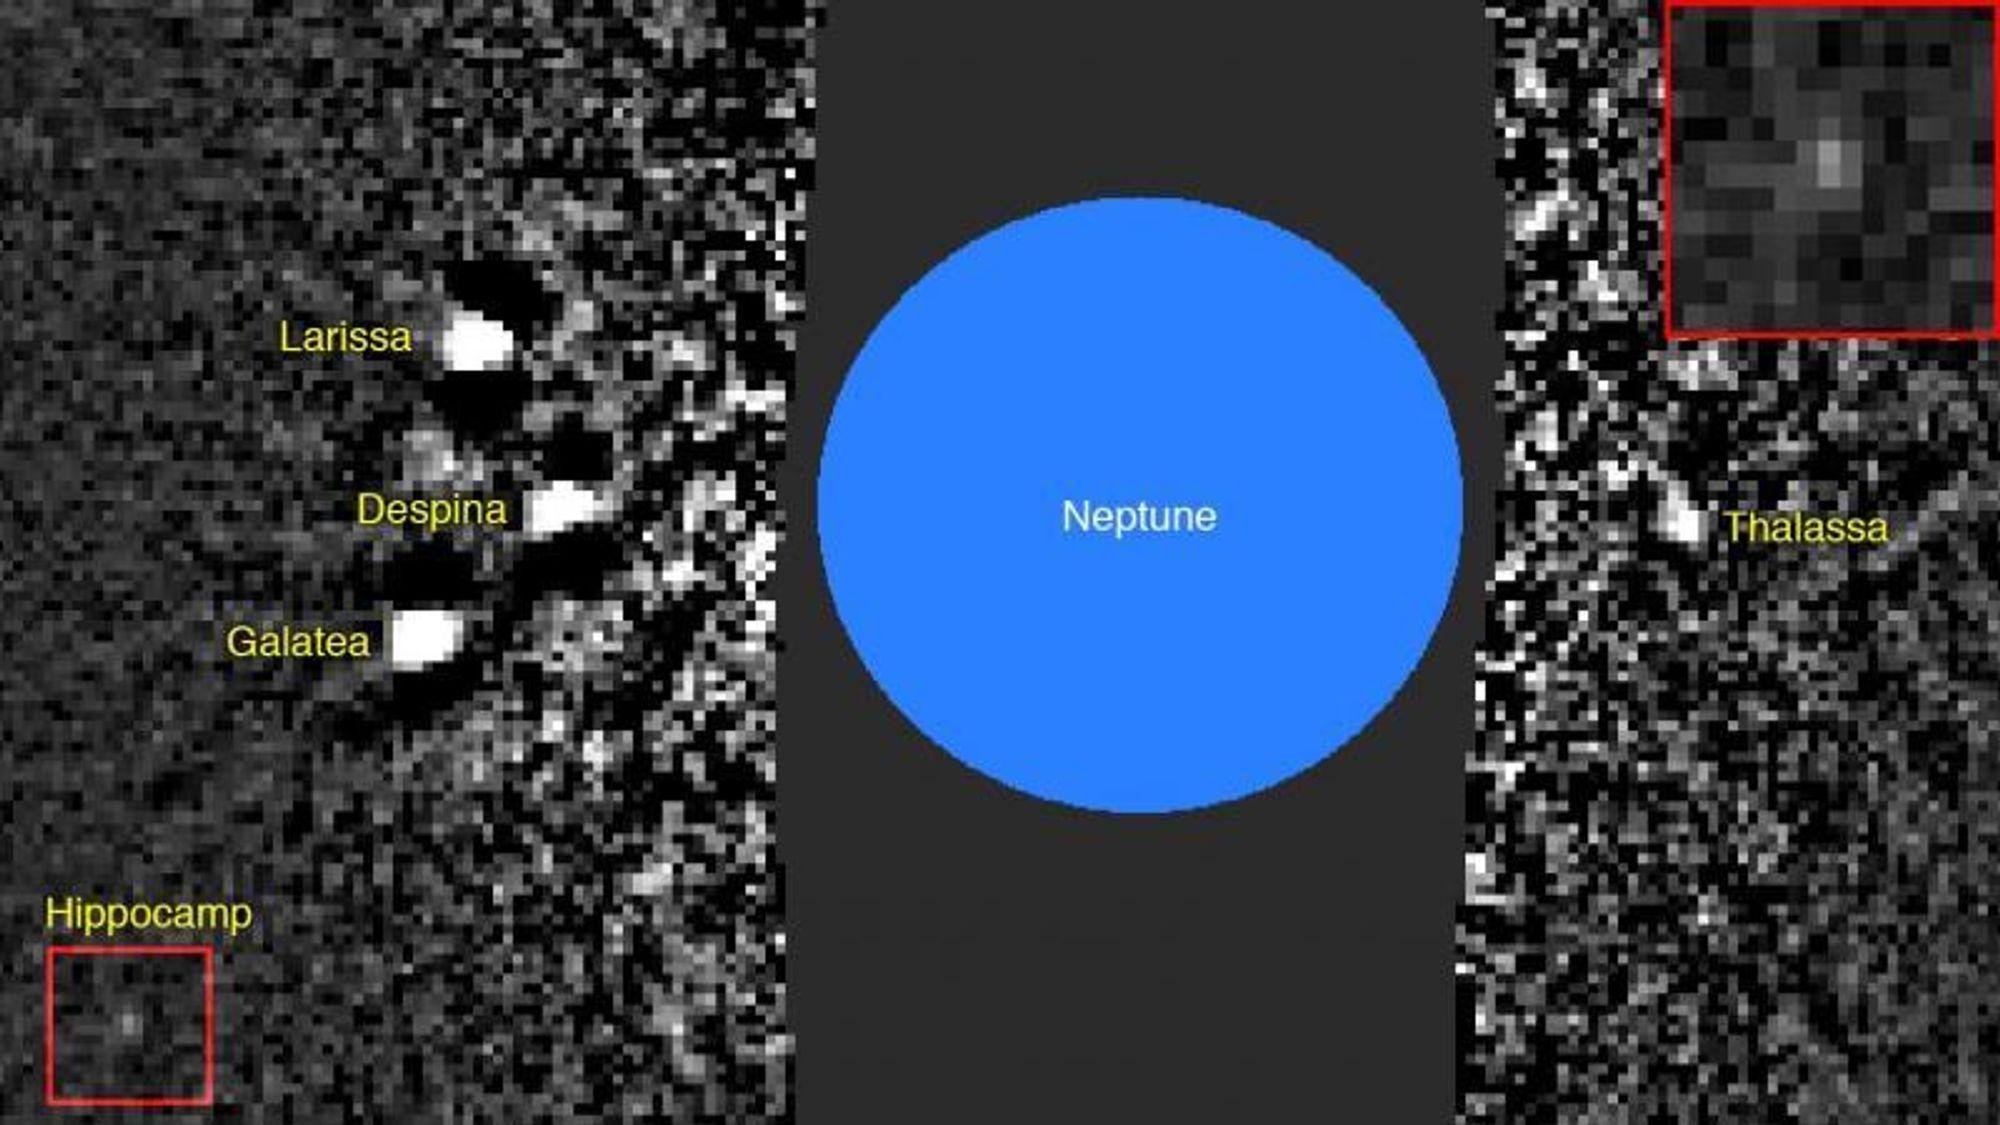 Oppdagelsen av Hippocamp, nederst til venstre, skjedde med dette bildet. Øverst til høyre ses en forstørrelse av det innrammede røde området.